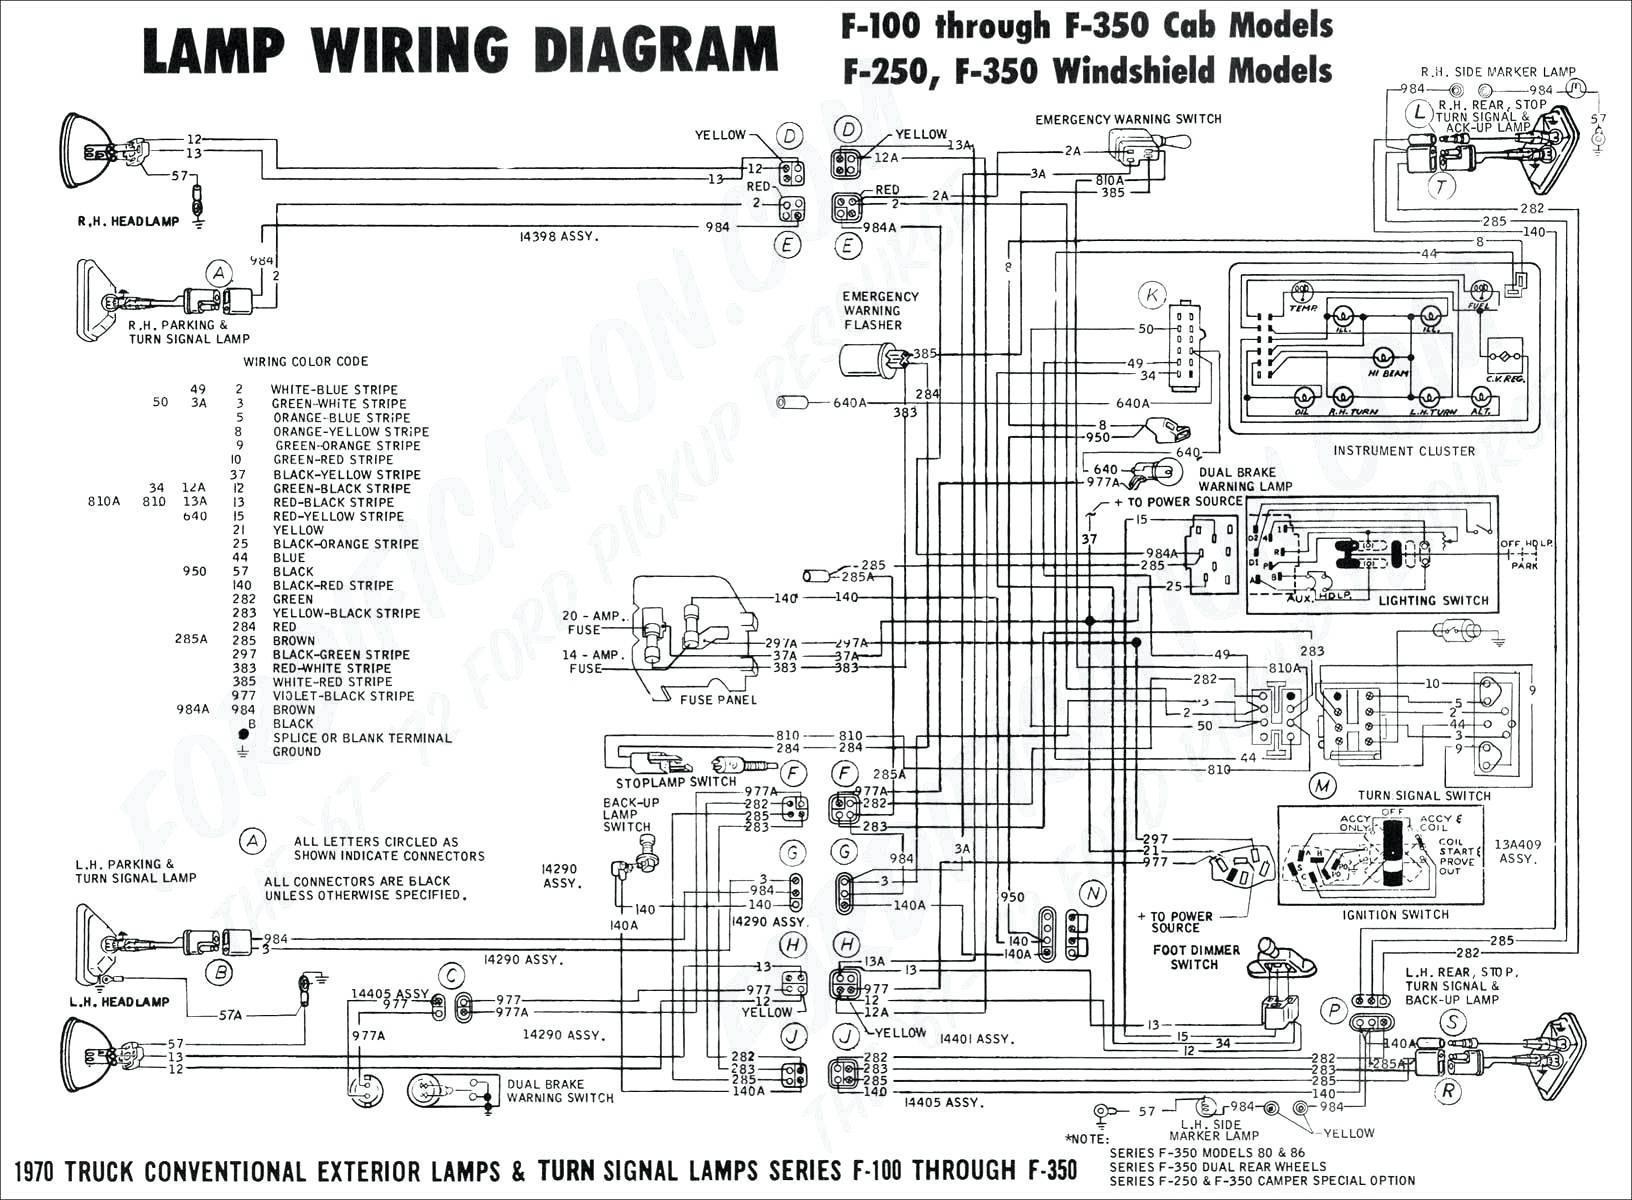 2000 chrysler voyager radiator diagram free download wiring diagram